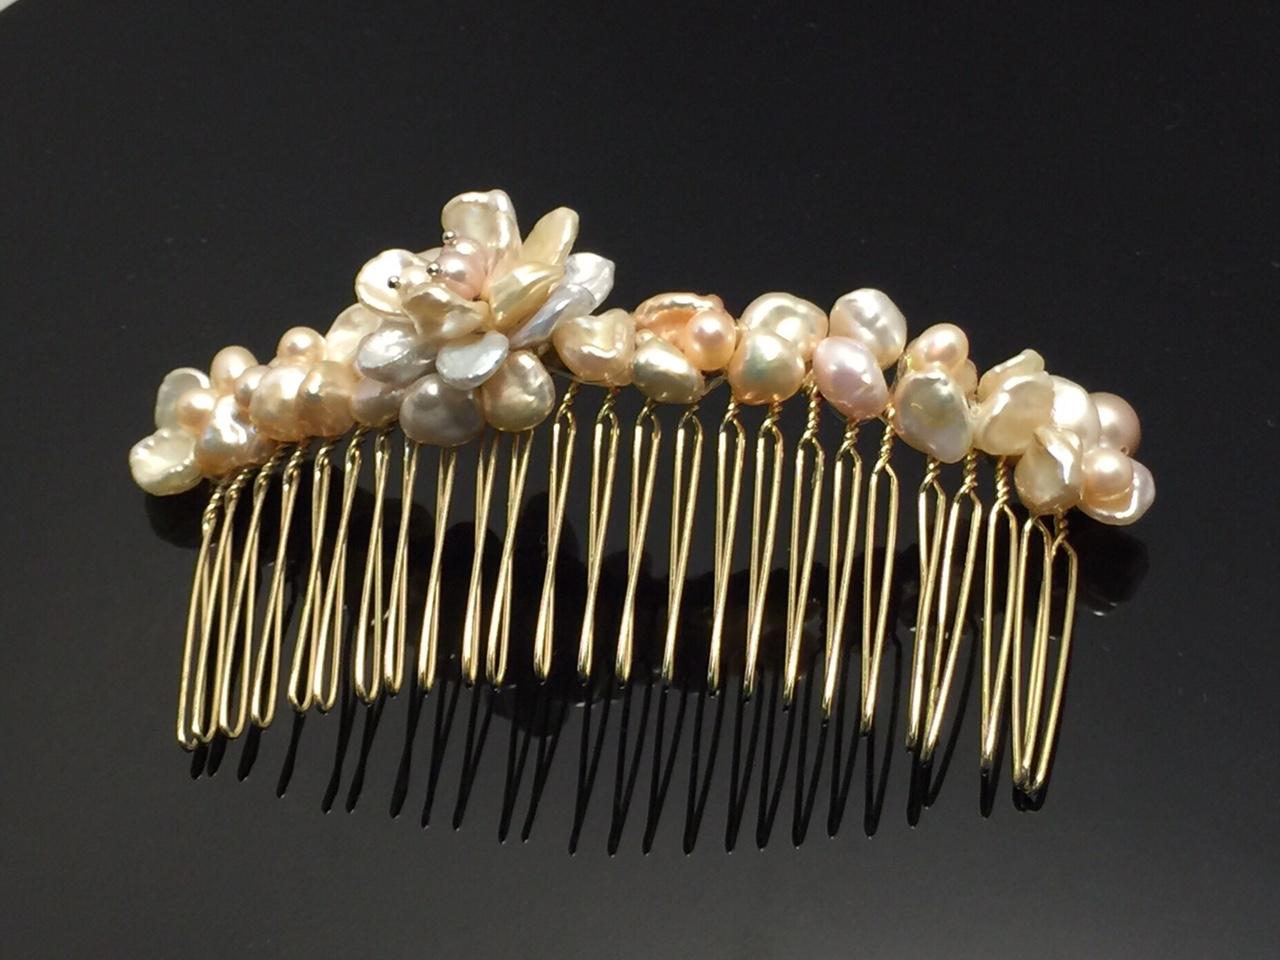 天然淡水珍珠花珍珠髮飾髮插保證天然珍珠